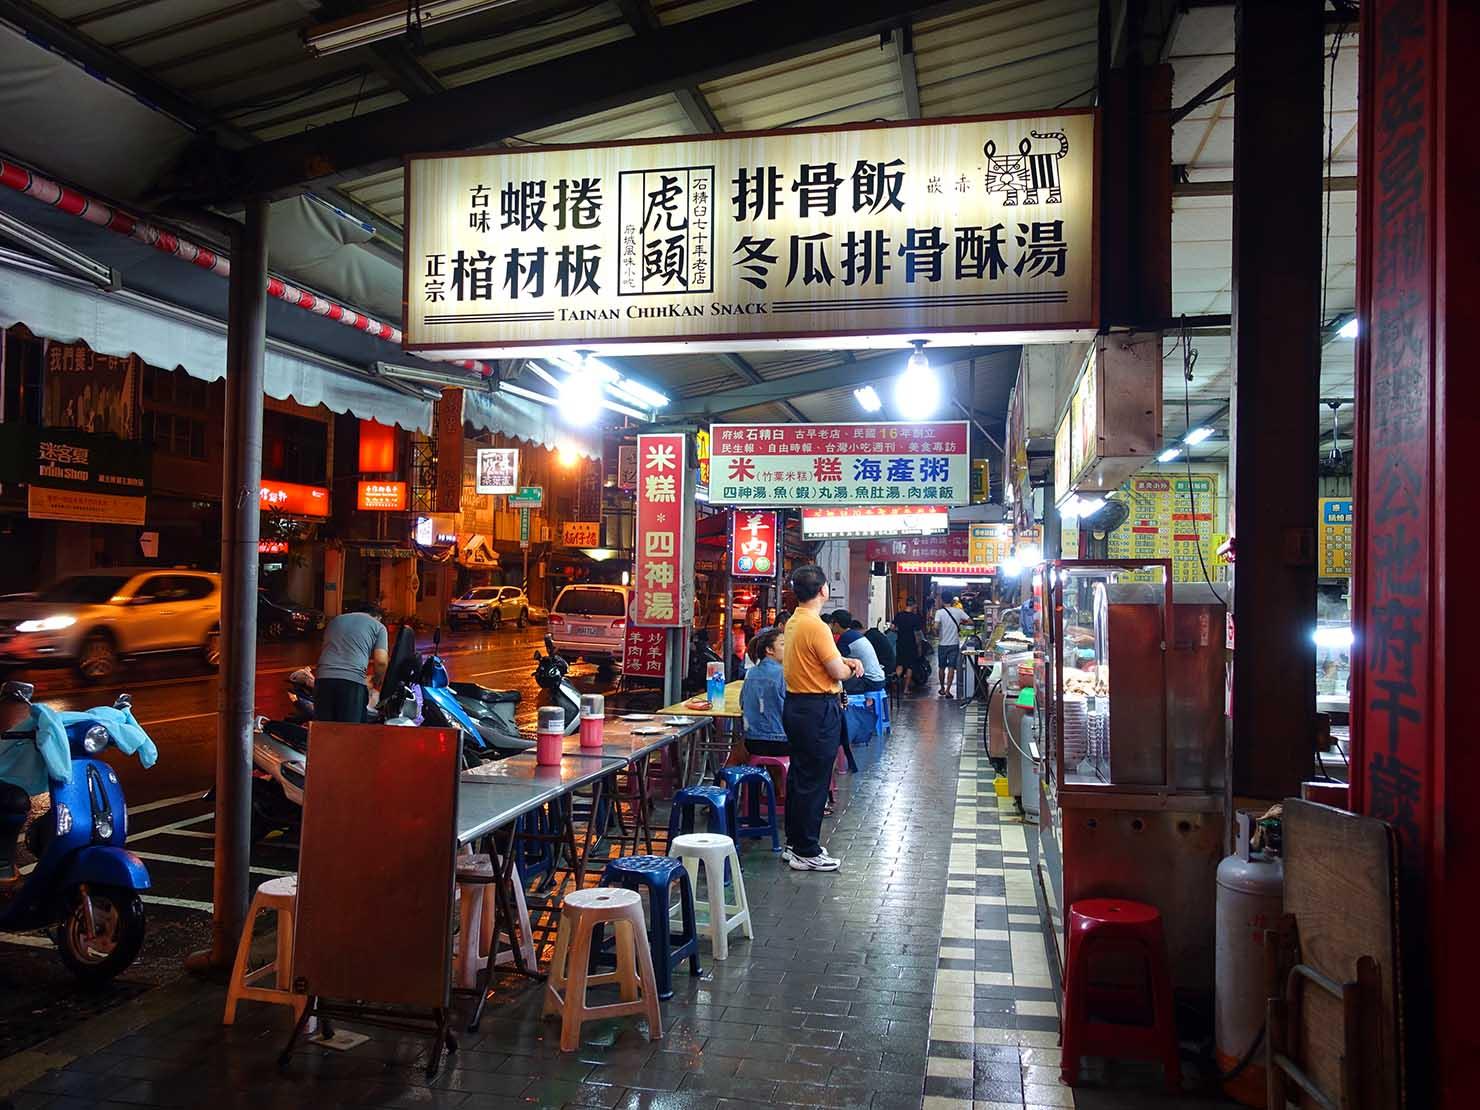 台南・赤崁樓周辺のおすすめグルメ店「虎頭府城風味小吃」の外観